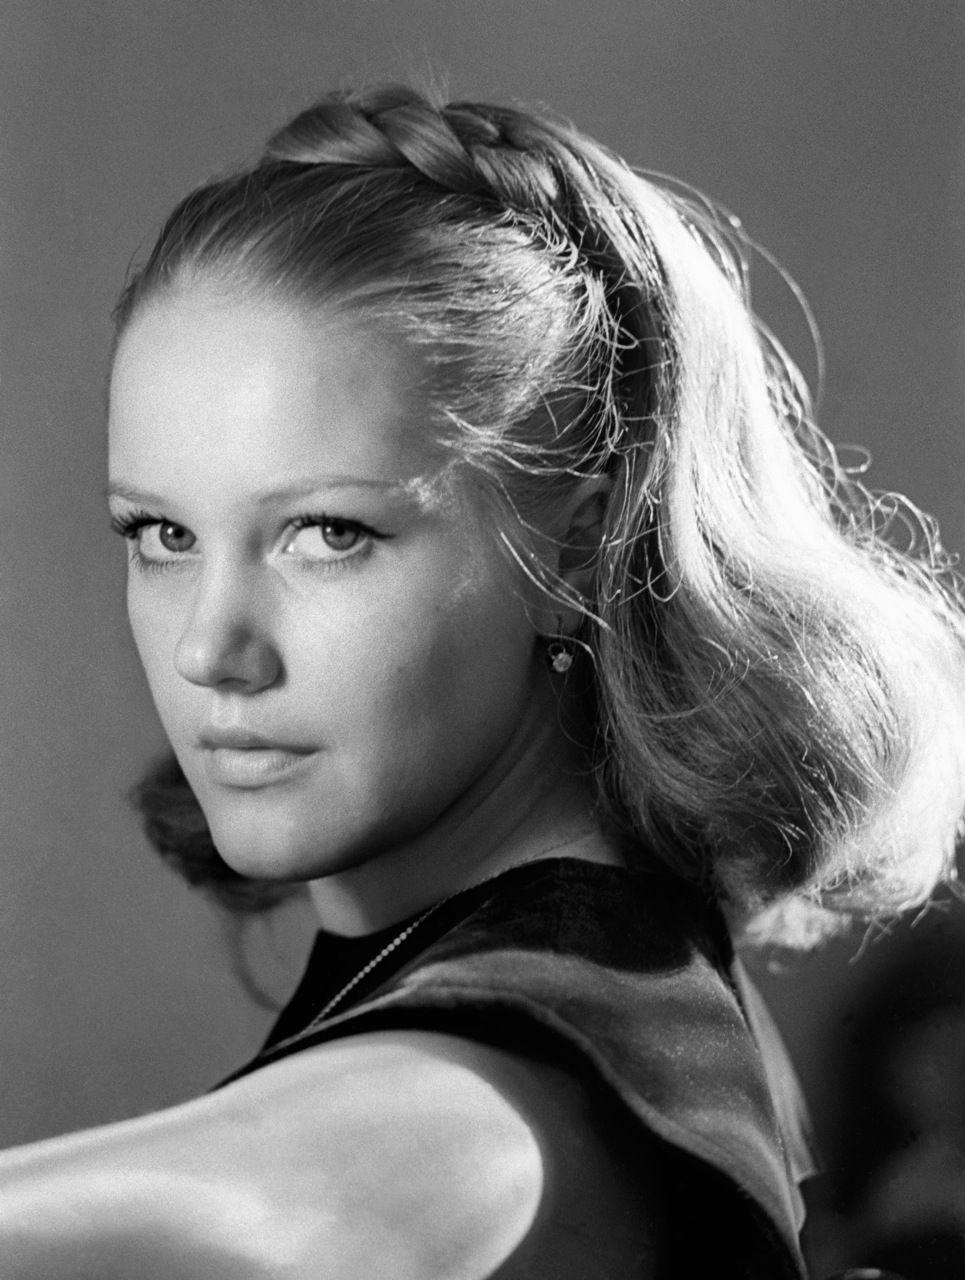 Кинодивы: 15 самых красивых советских актрис #2 | Brain Berries